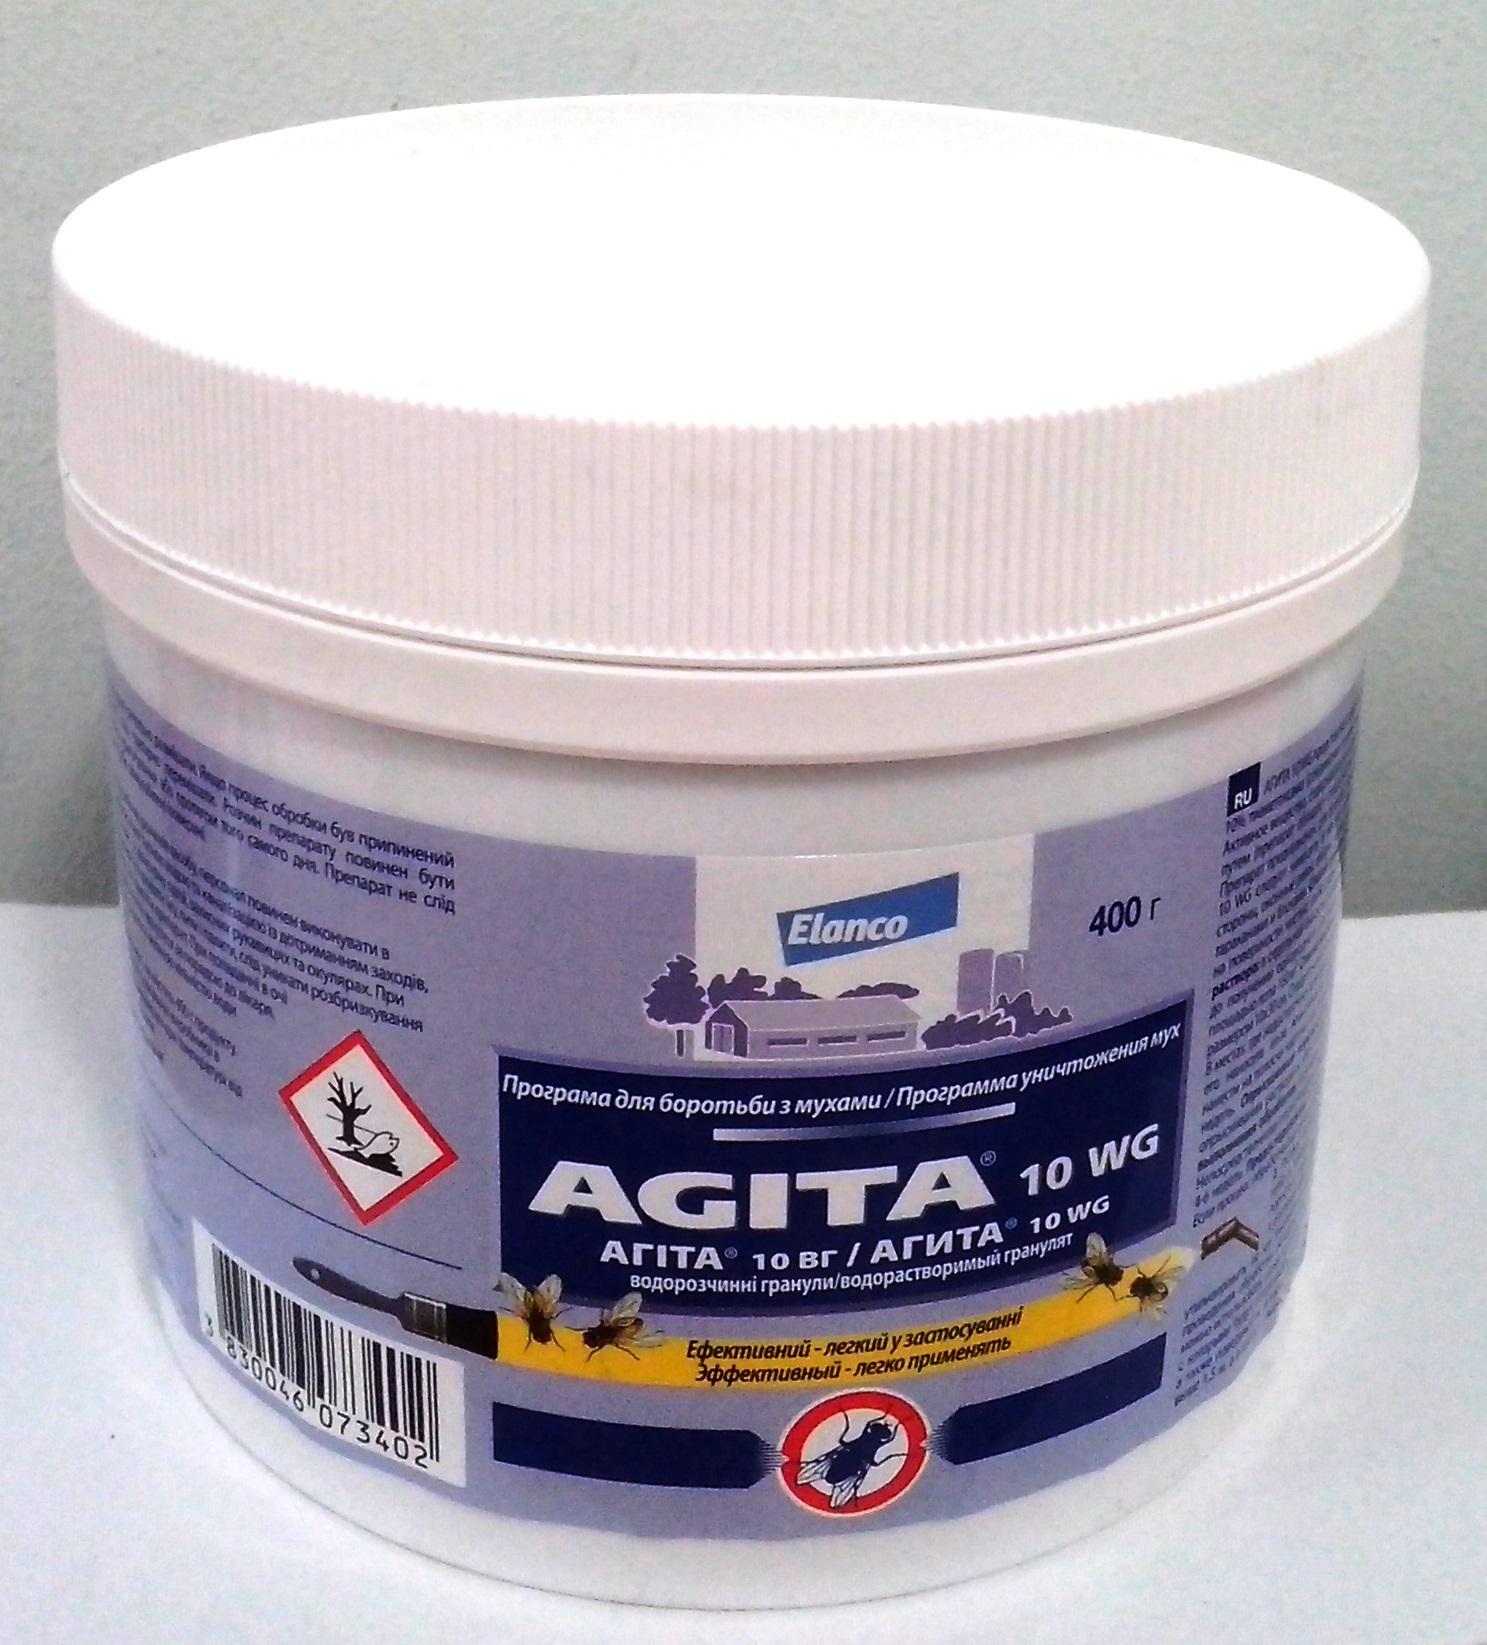 Агита от мух — инструкция, эффективность и отзывы